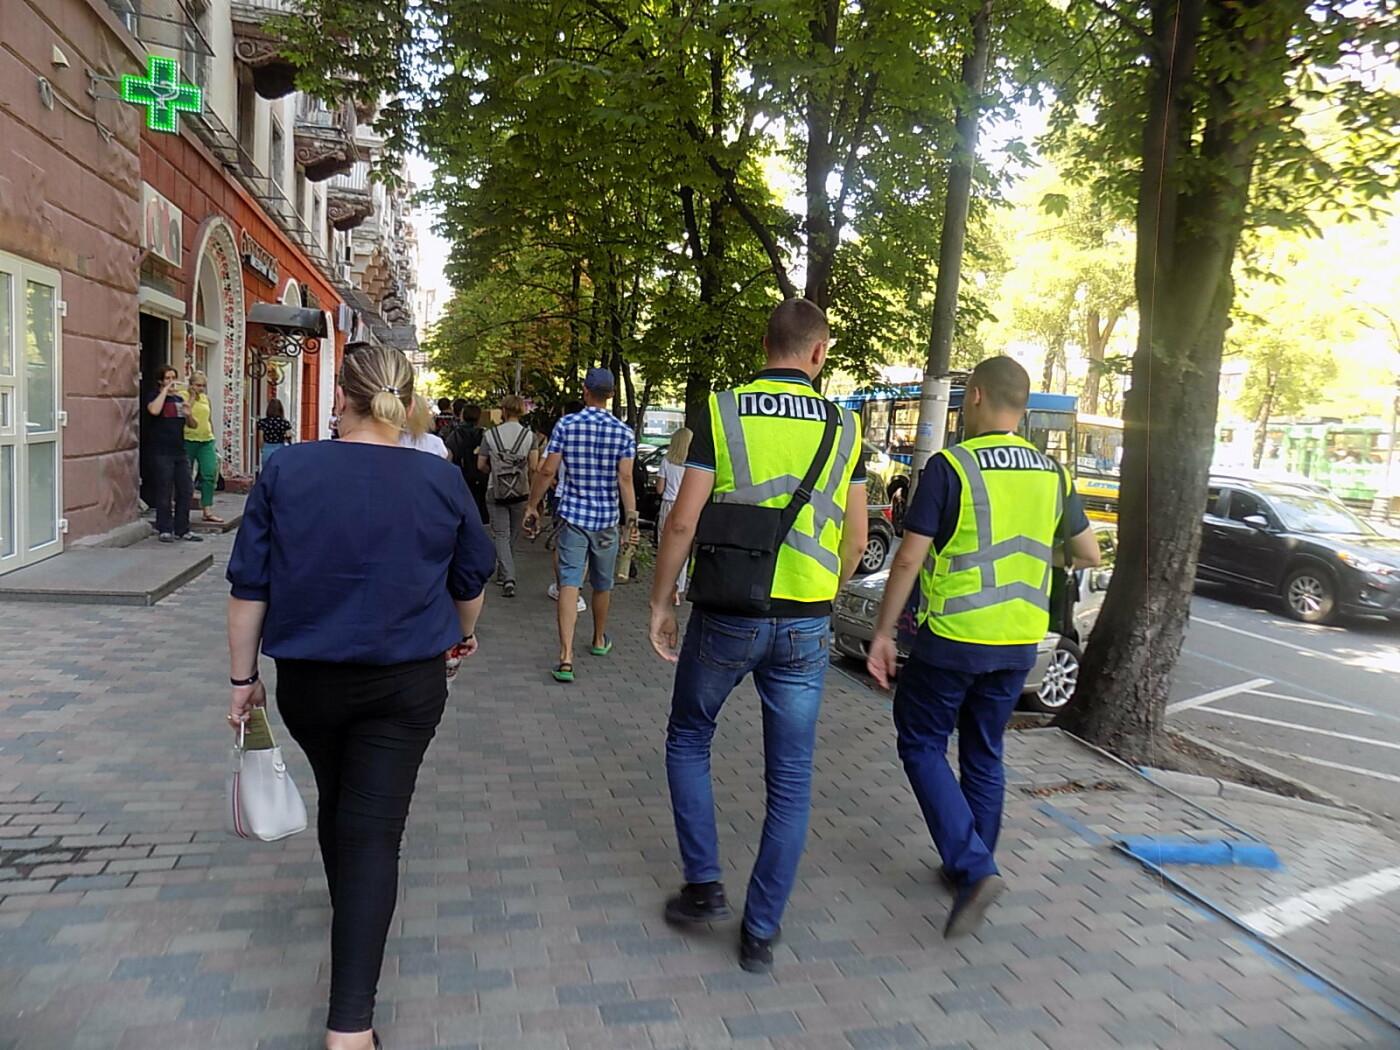 В Днепре провели «похороны» деревьев с Короленко: последние деревья срубили, пока город спал, - ФОТО, фото-16